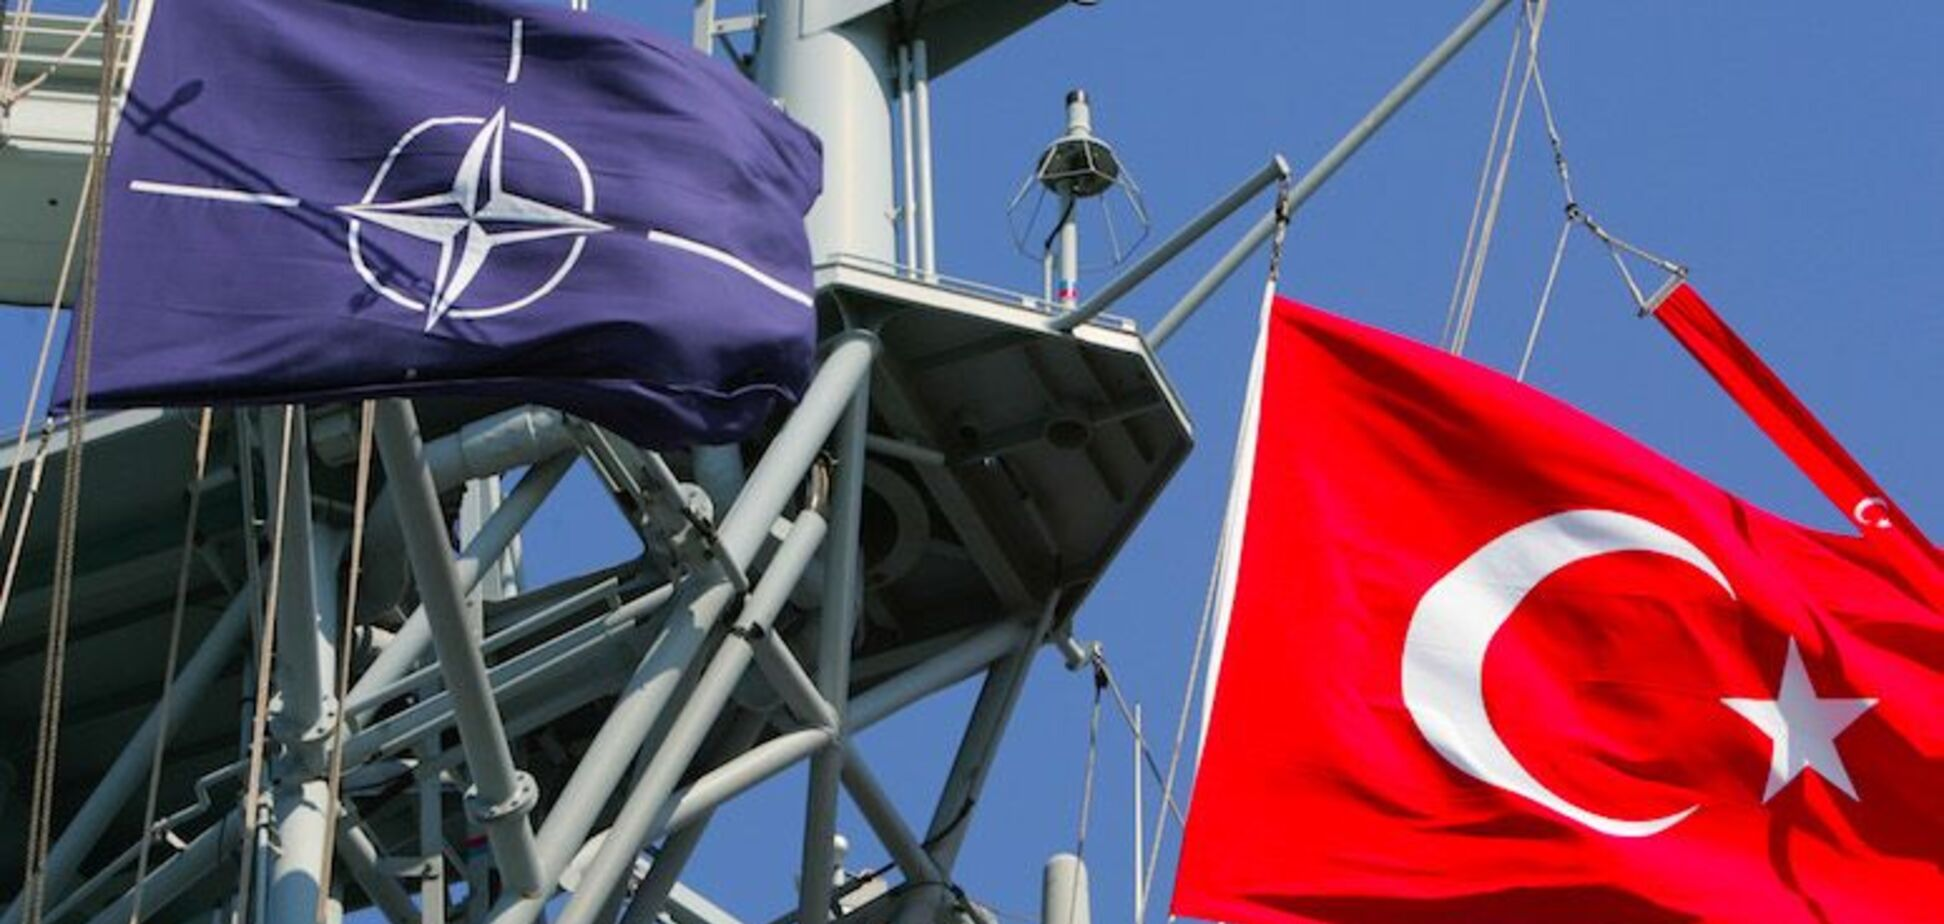 Исключение Турции из НАТО: что говорят в Вашингтоне